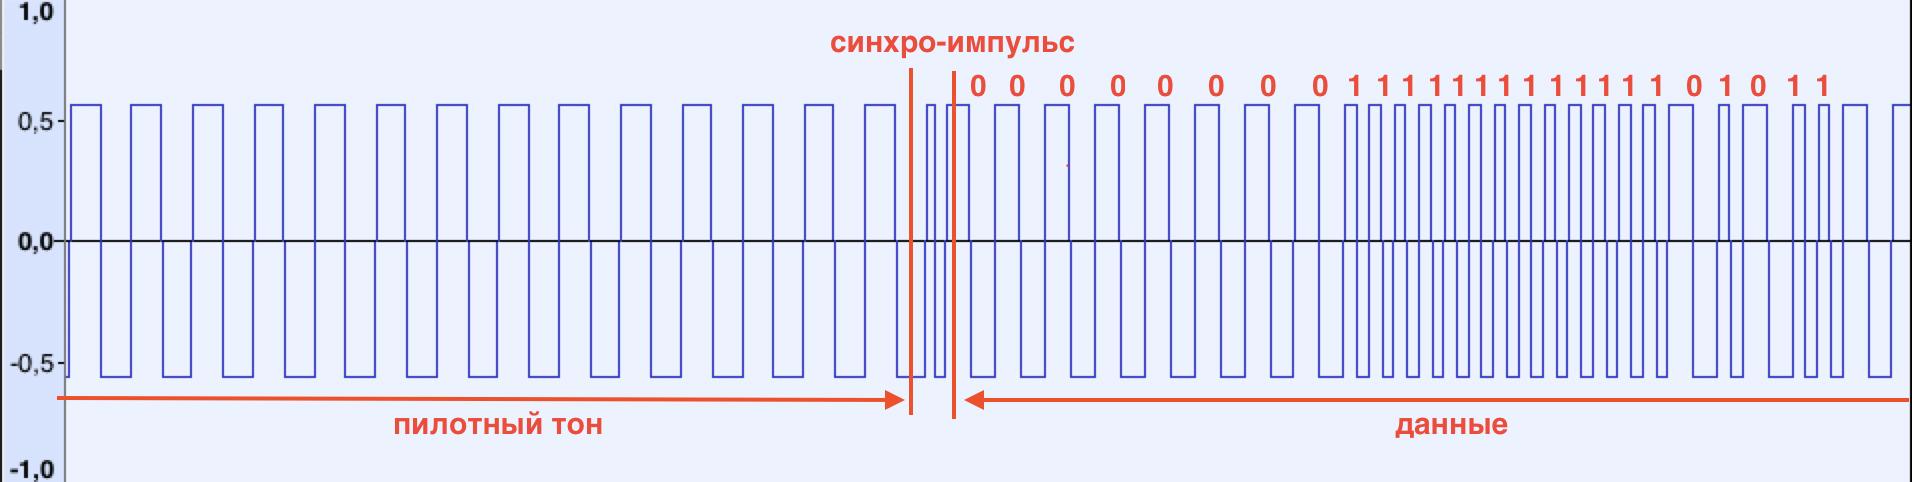 Как я восстанавливал данные в неизвестном формате с магнитной ленты - 2